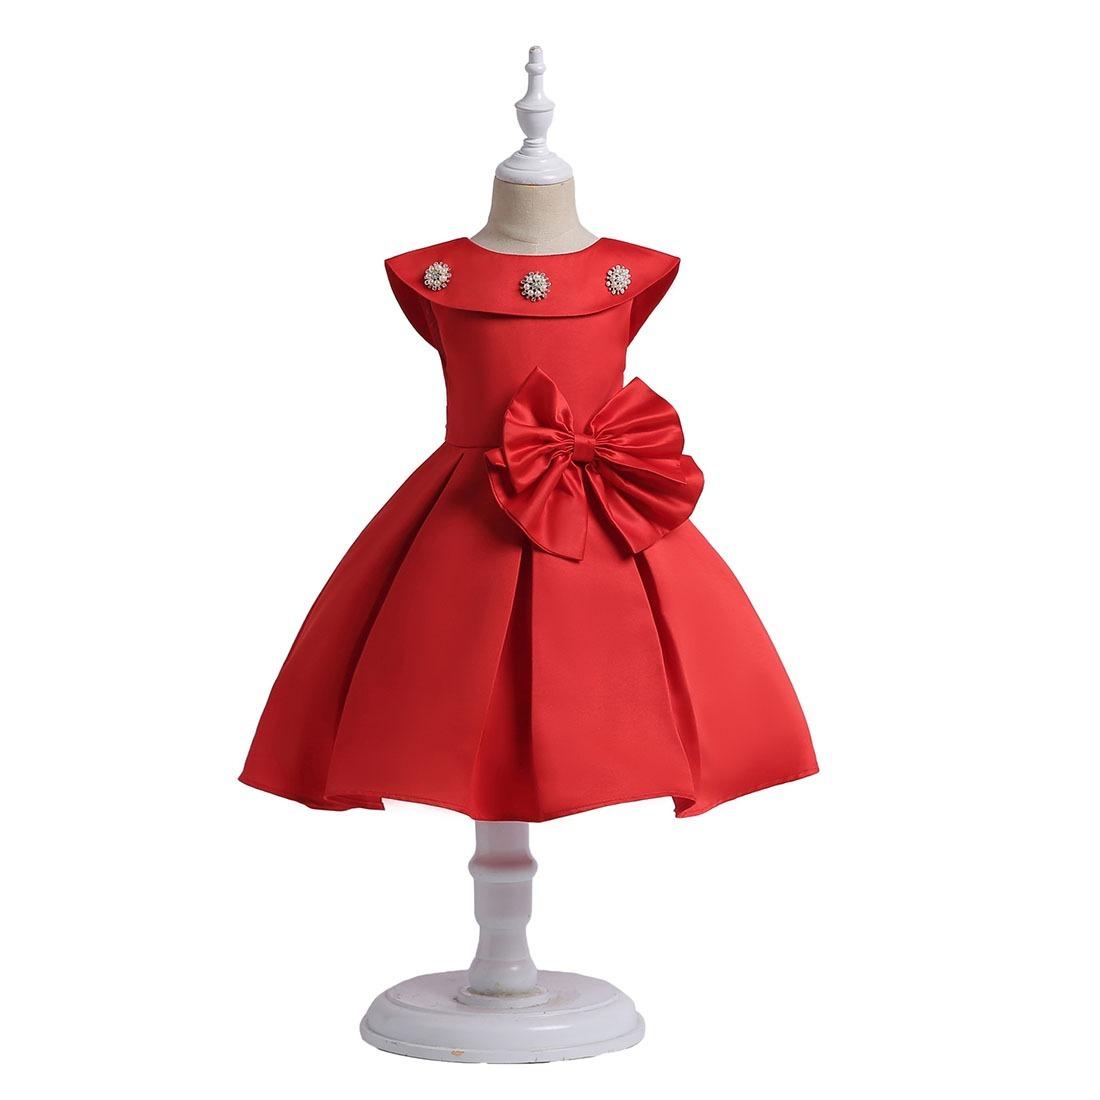 Vestidos Ropa De Niñas Princesa Vestido Moda Infantil 2019 . 66e9c0ecdd2d